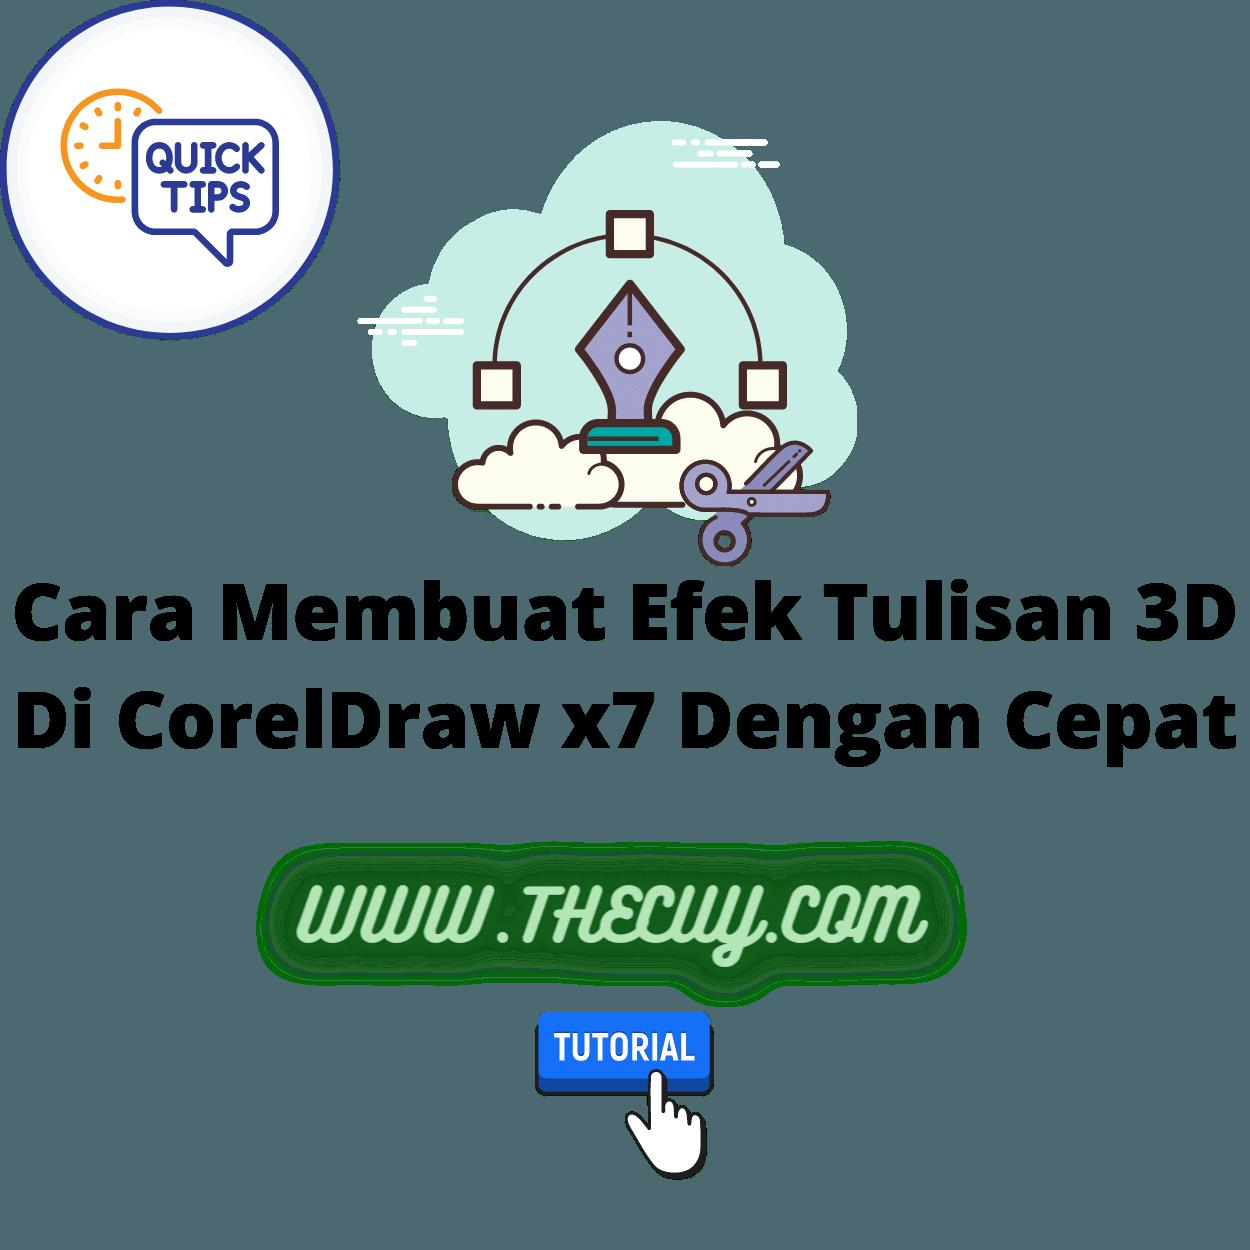 Cara Membuat Efek Tulisan 3D Di CorelDraw x7 Dengan Cepat